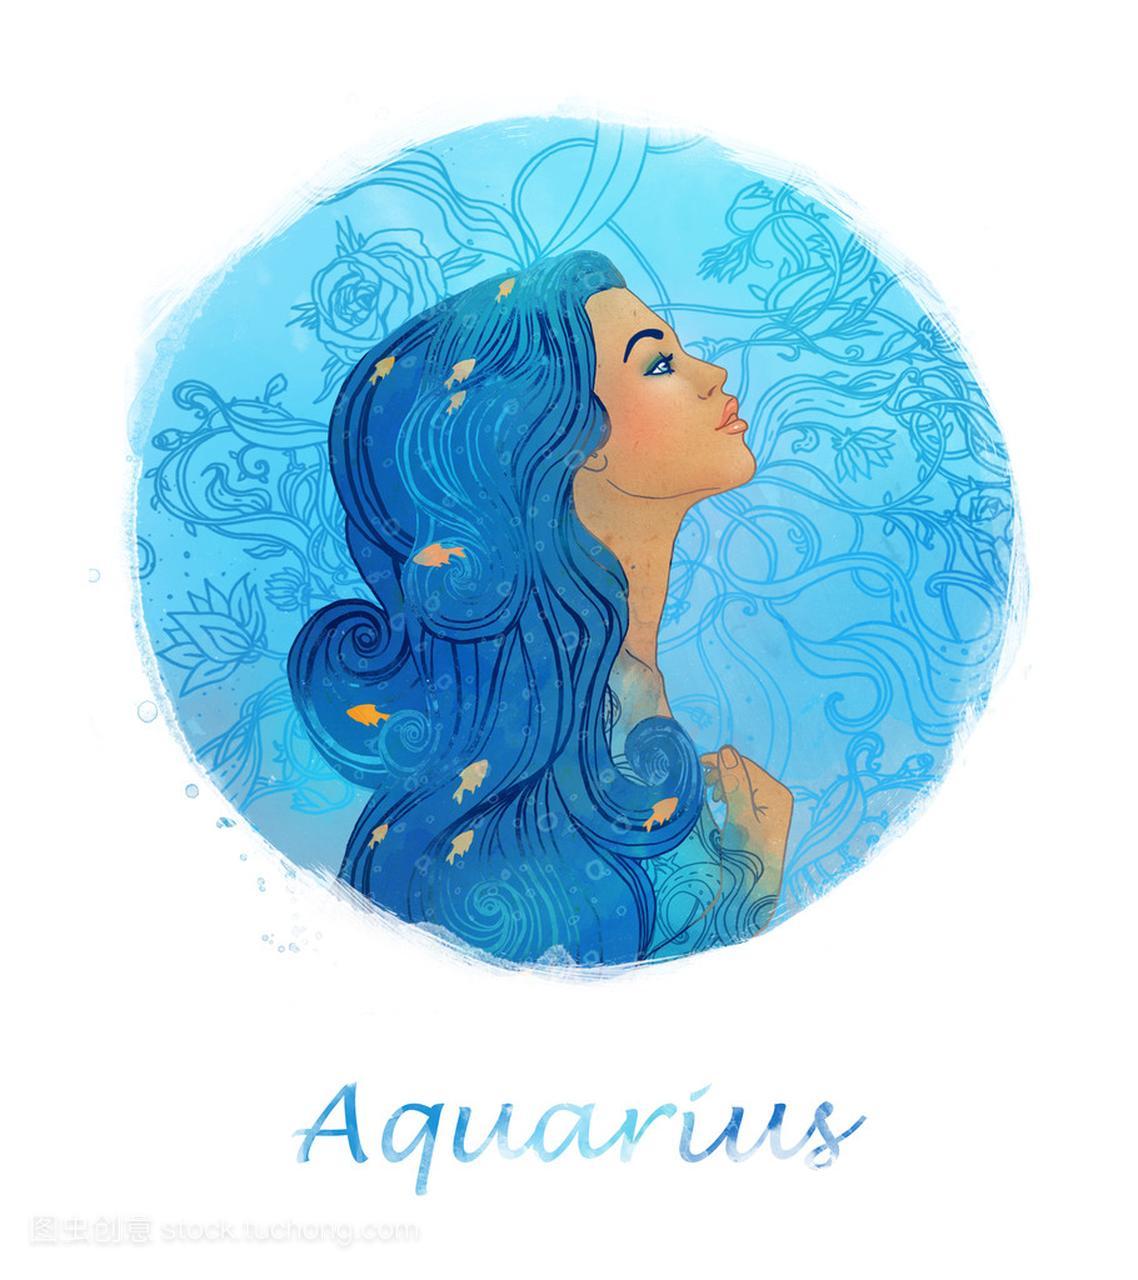 星座座男生作为一个美丽的女孩双子座水瓶追求双鱼座女生图片